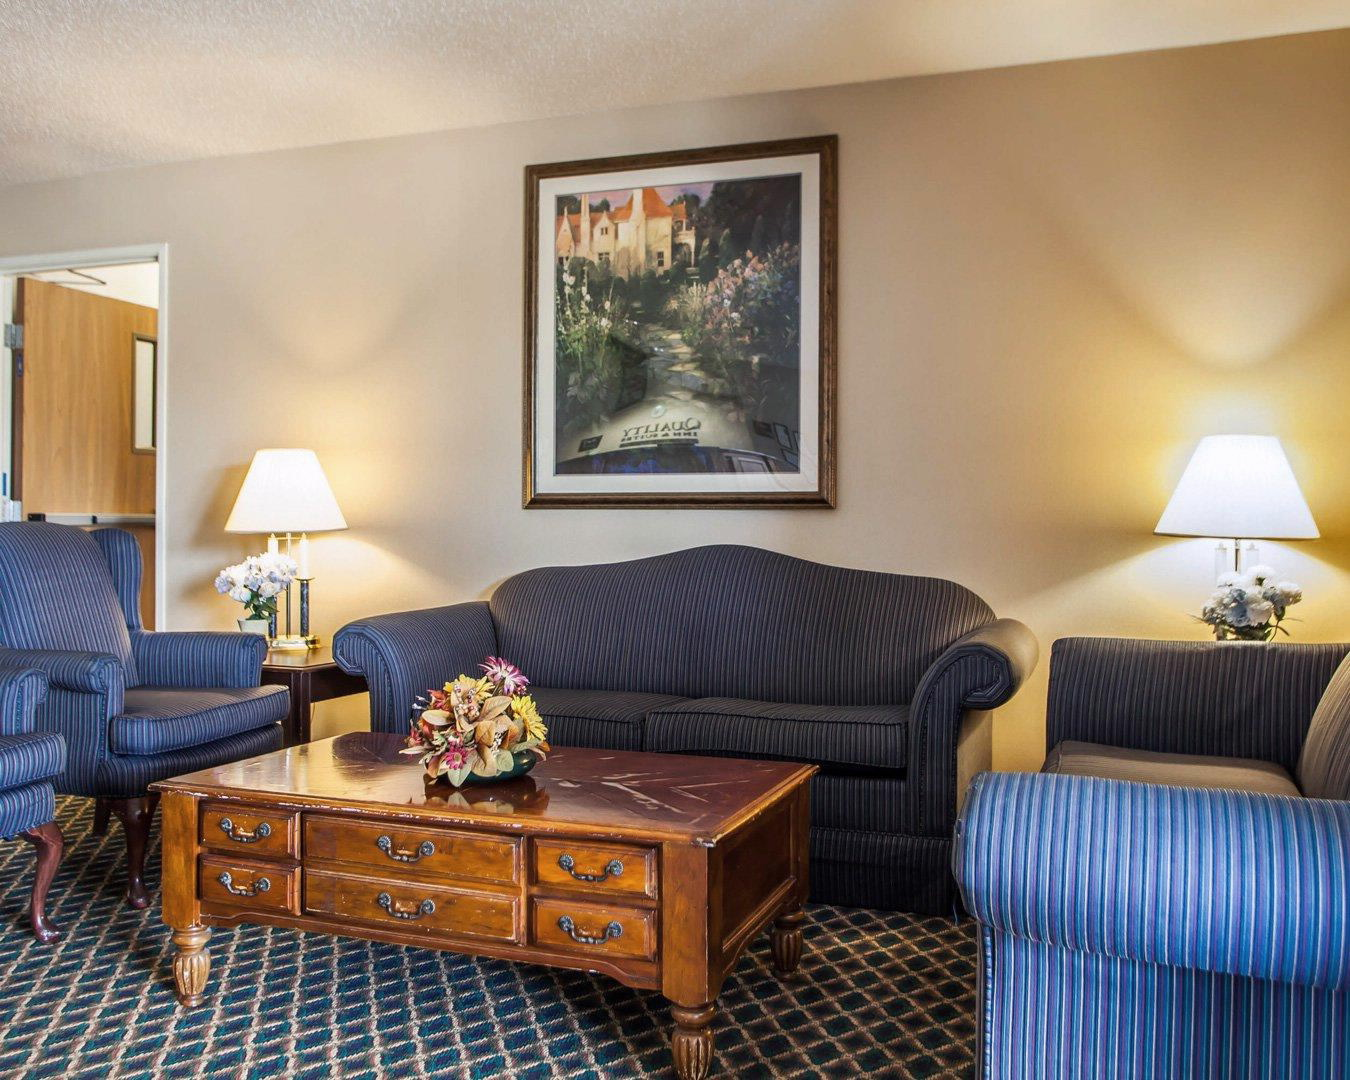 Quality inn suites eldridge davenport north in eldridge for Design homes in eldridge iowa